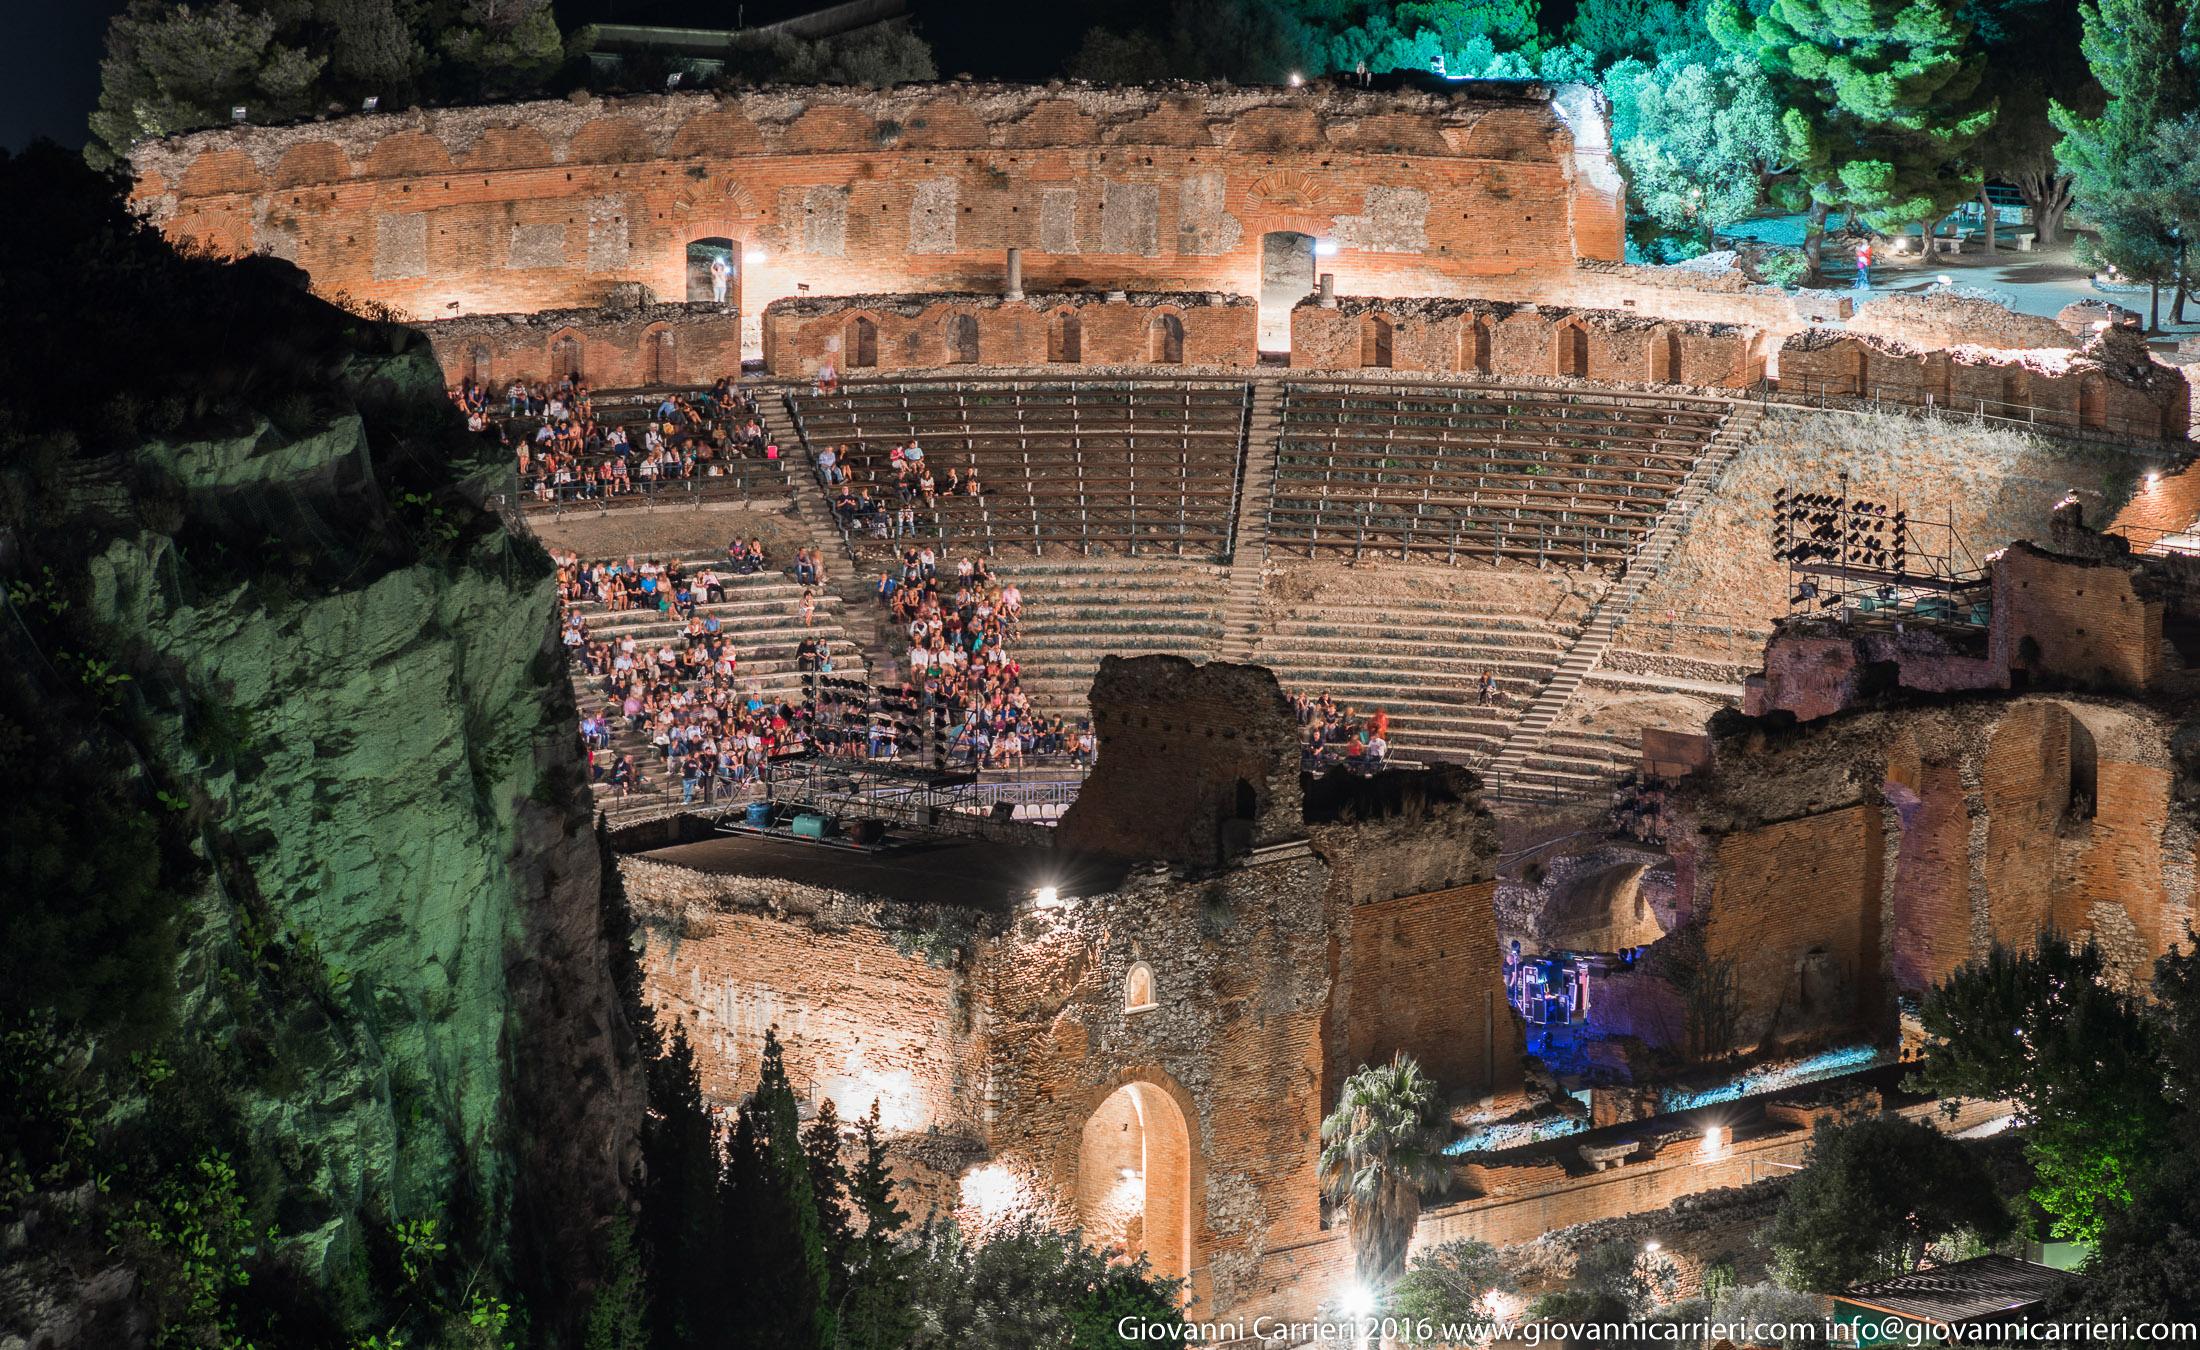 Il teatro greco di Taormina visto in notturna